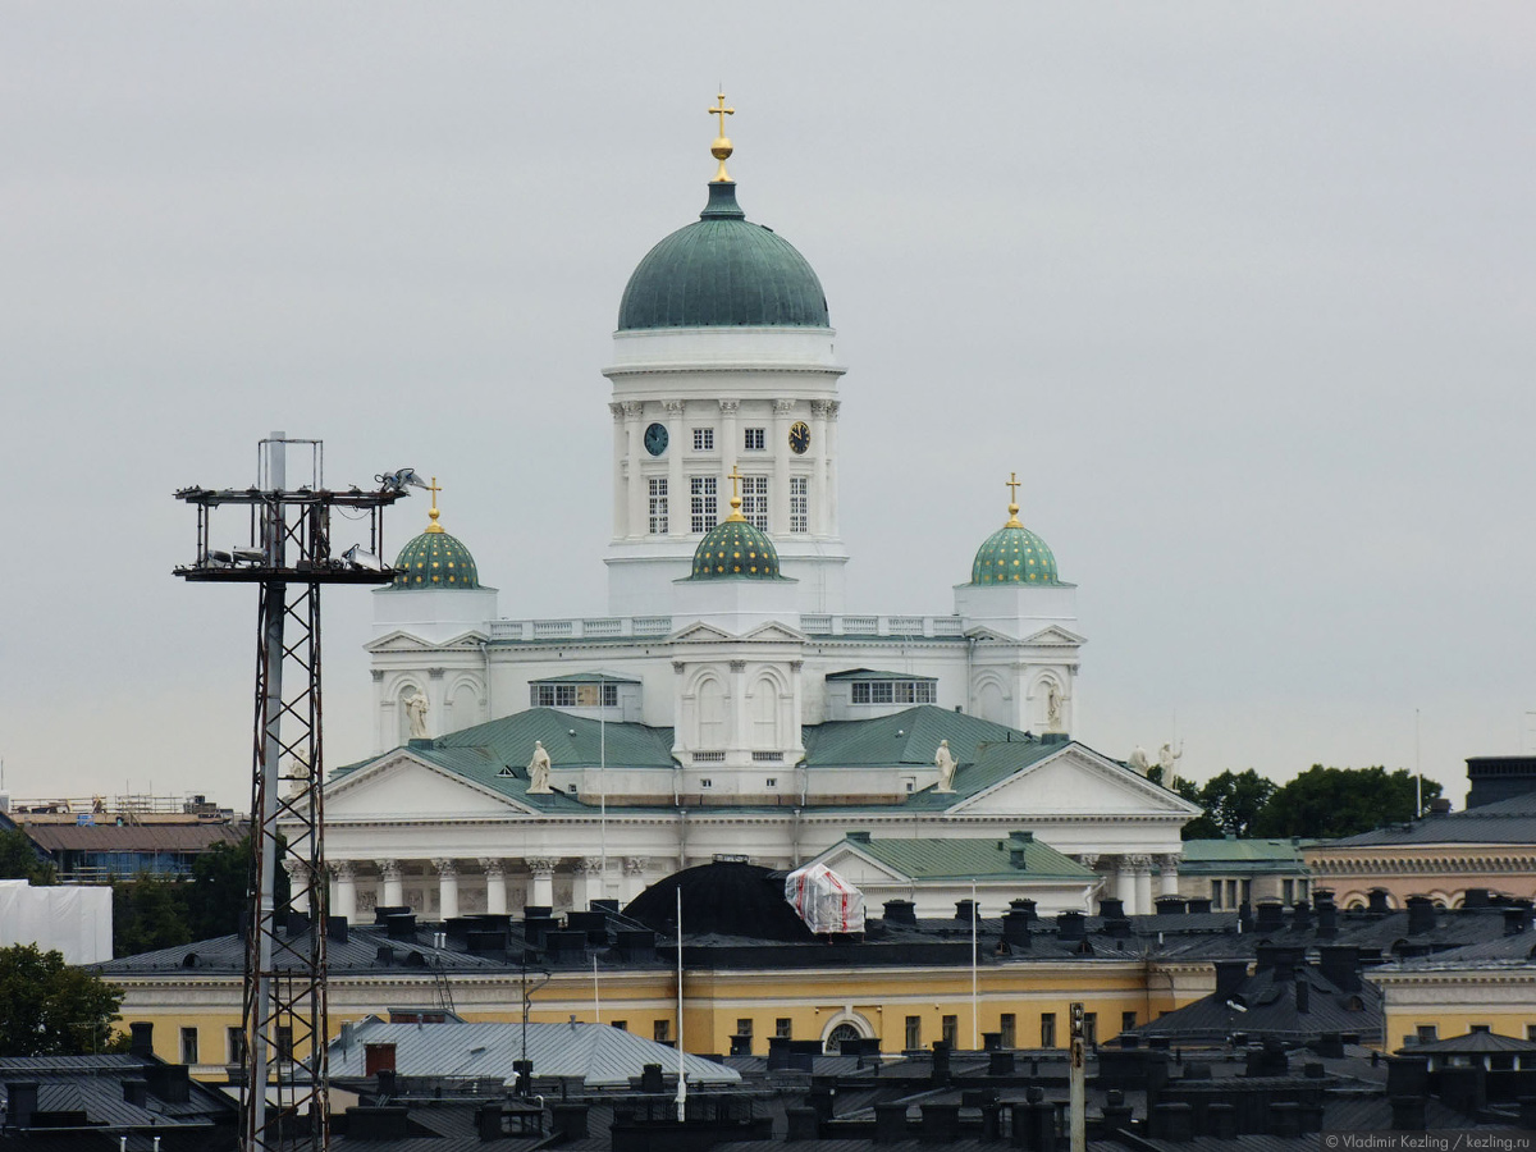 Трансбалтийский вояж. Хельсинки. Взгляд с воды